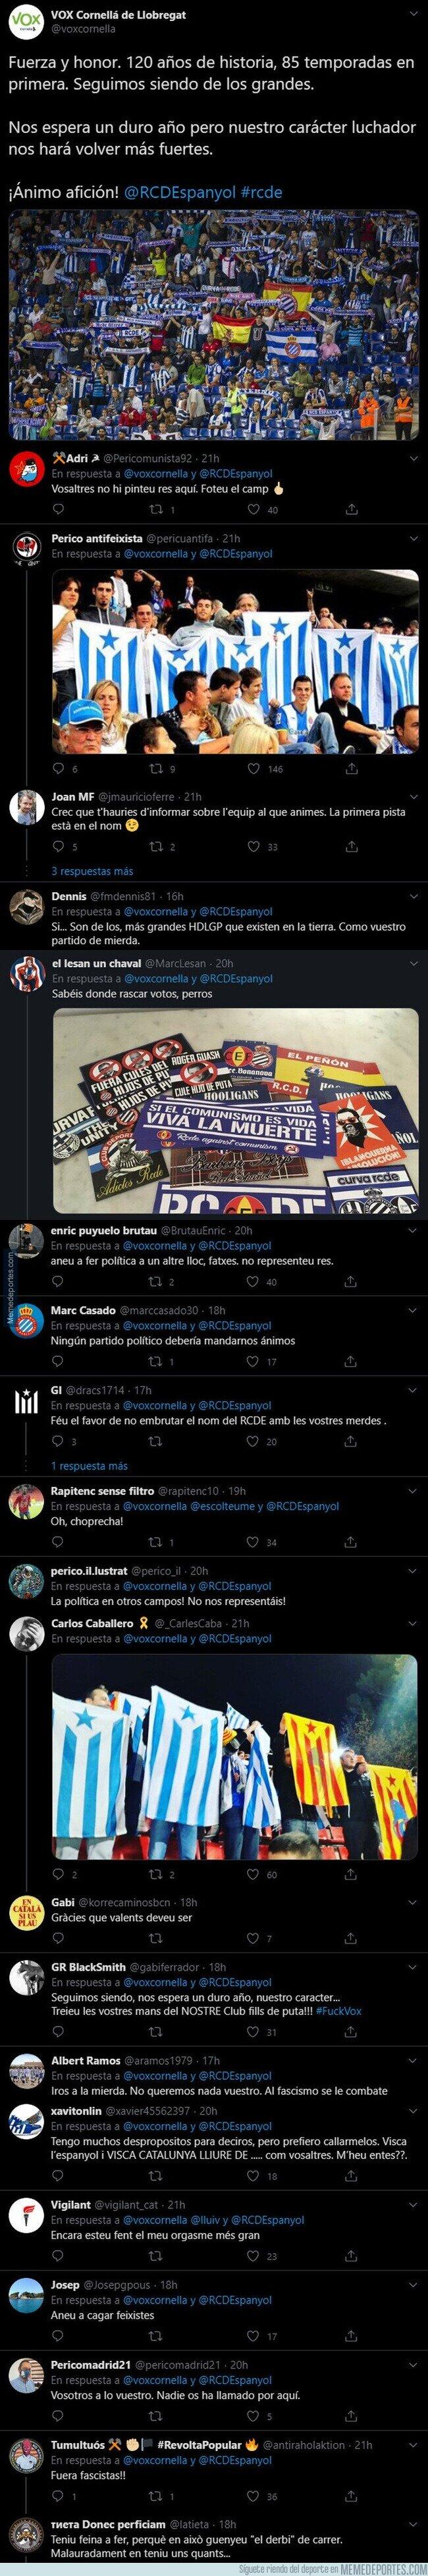 1109078 - Lío máximo con este tuit de VOX dirigido al Espanyol tras descender a Segunda División